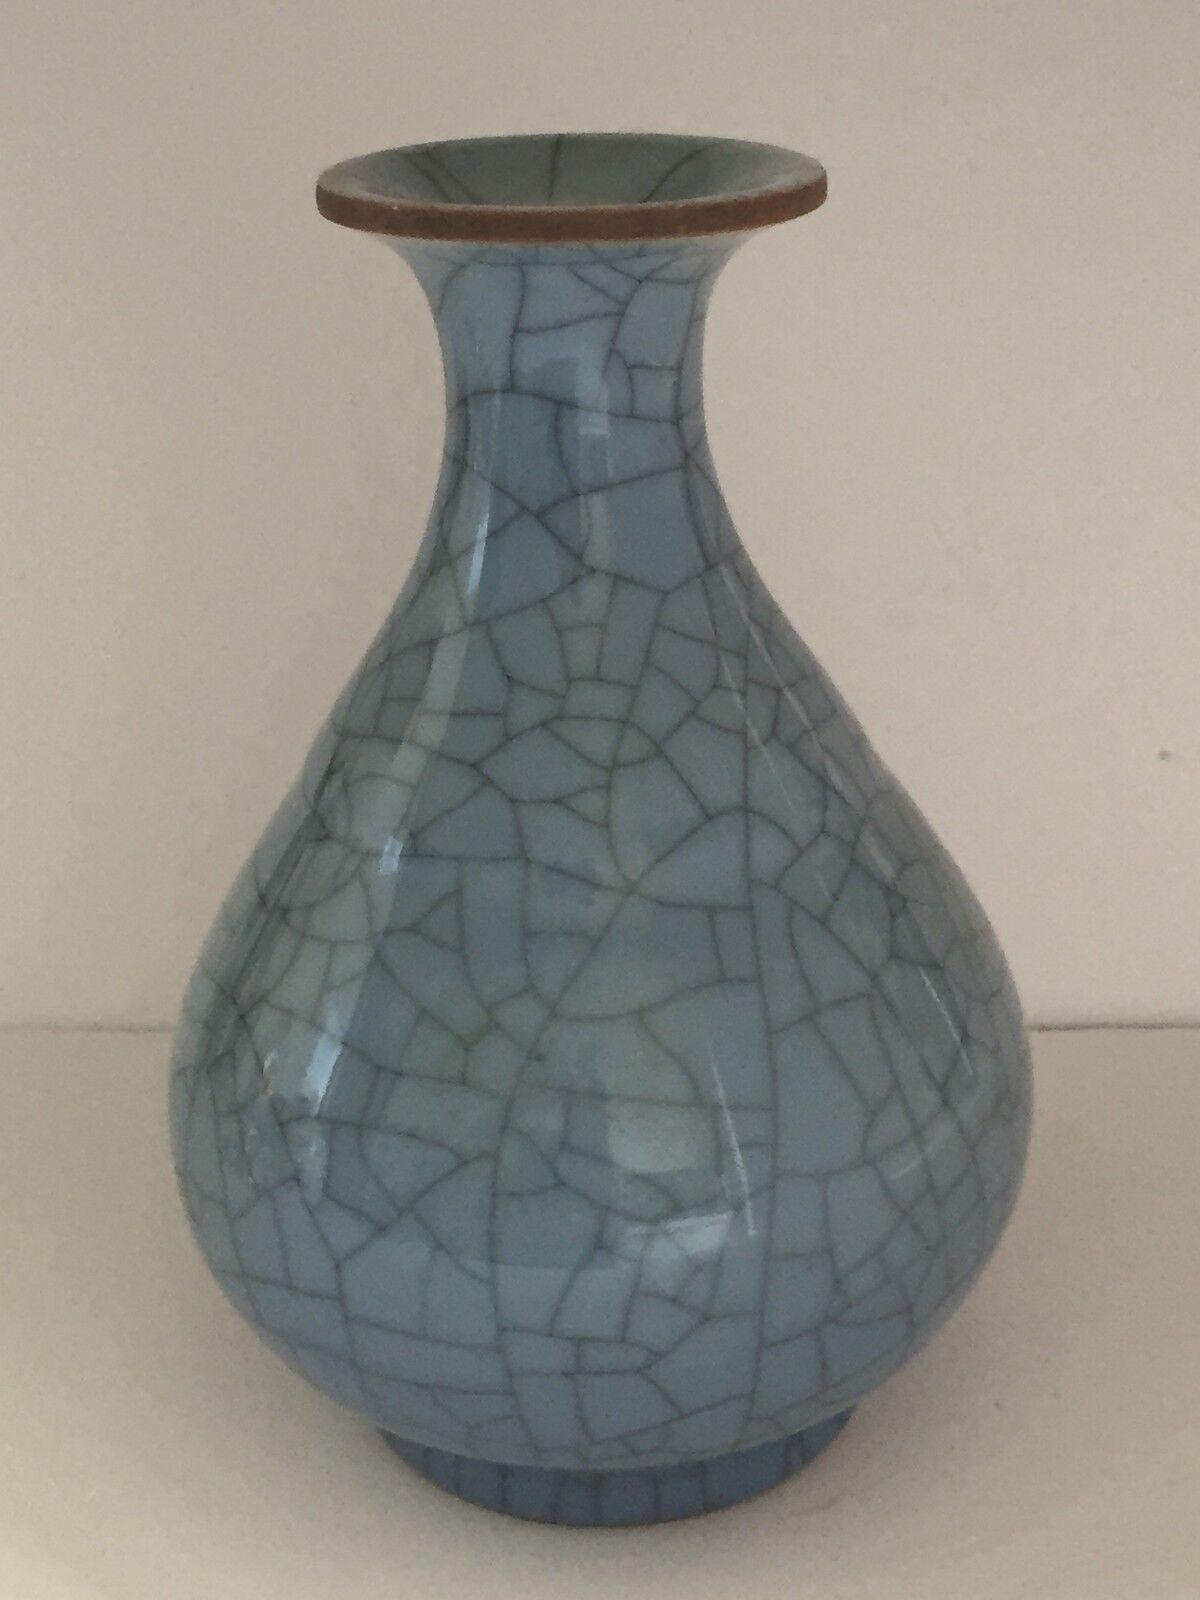 Antique Vintage Chinese GUAN Ware Crackle Craquel Glaze Porcelain VASE 9.75